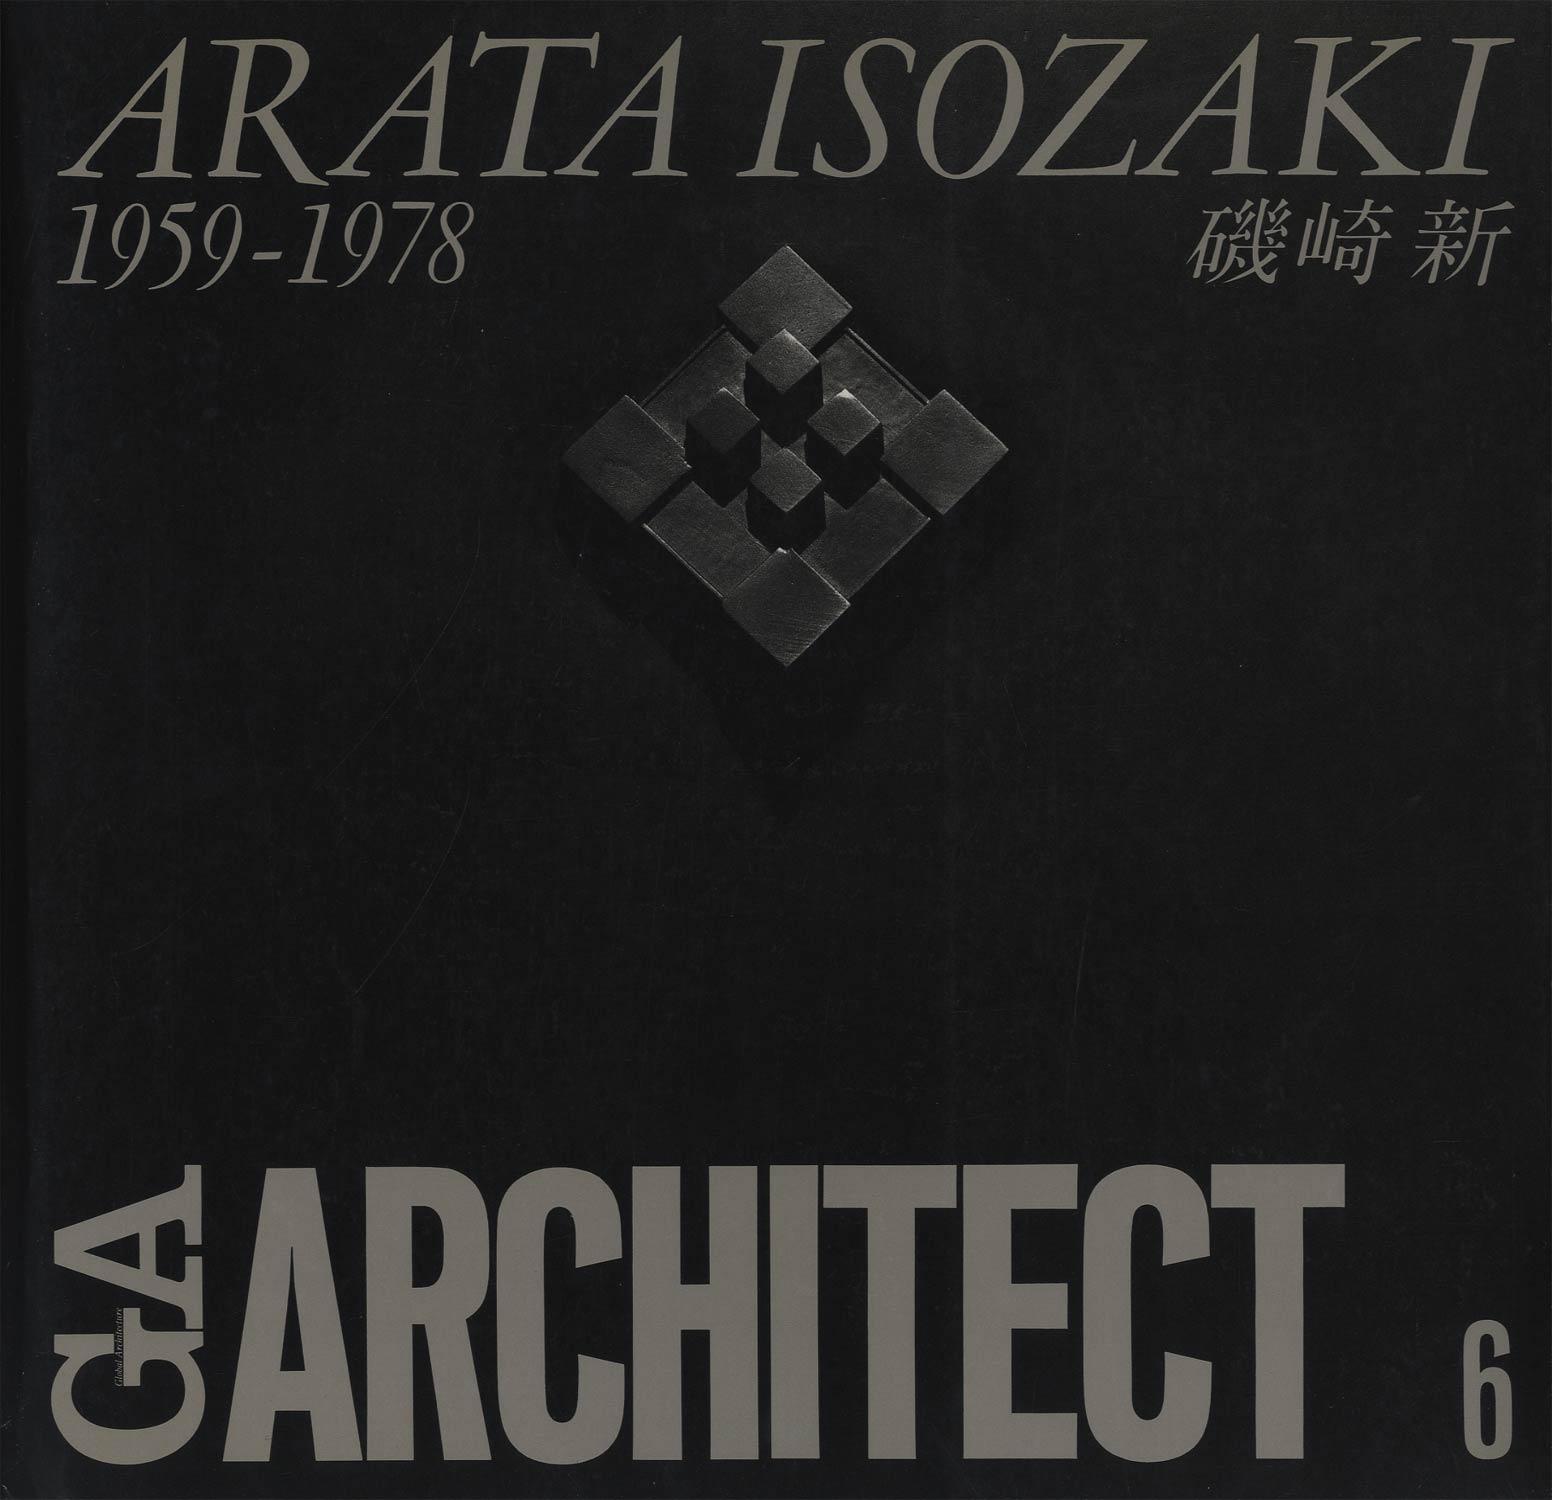 GA ARCHITECT 06 ARATA ISOZAKI 磯崎新 VOL.1 1959-1978